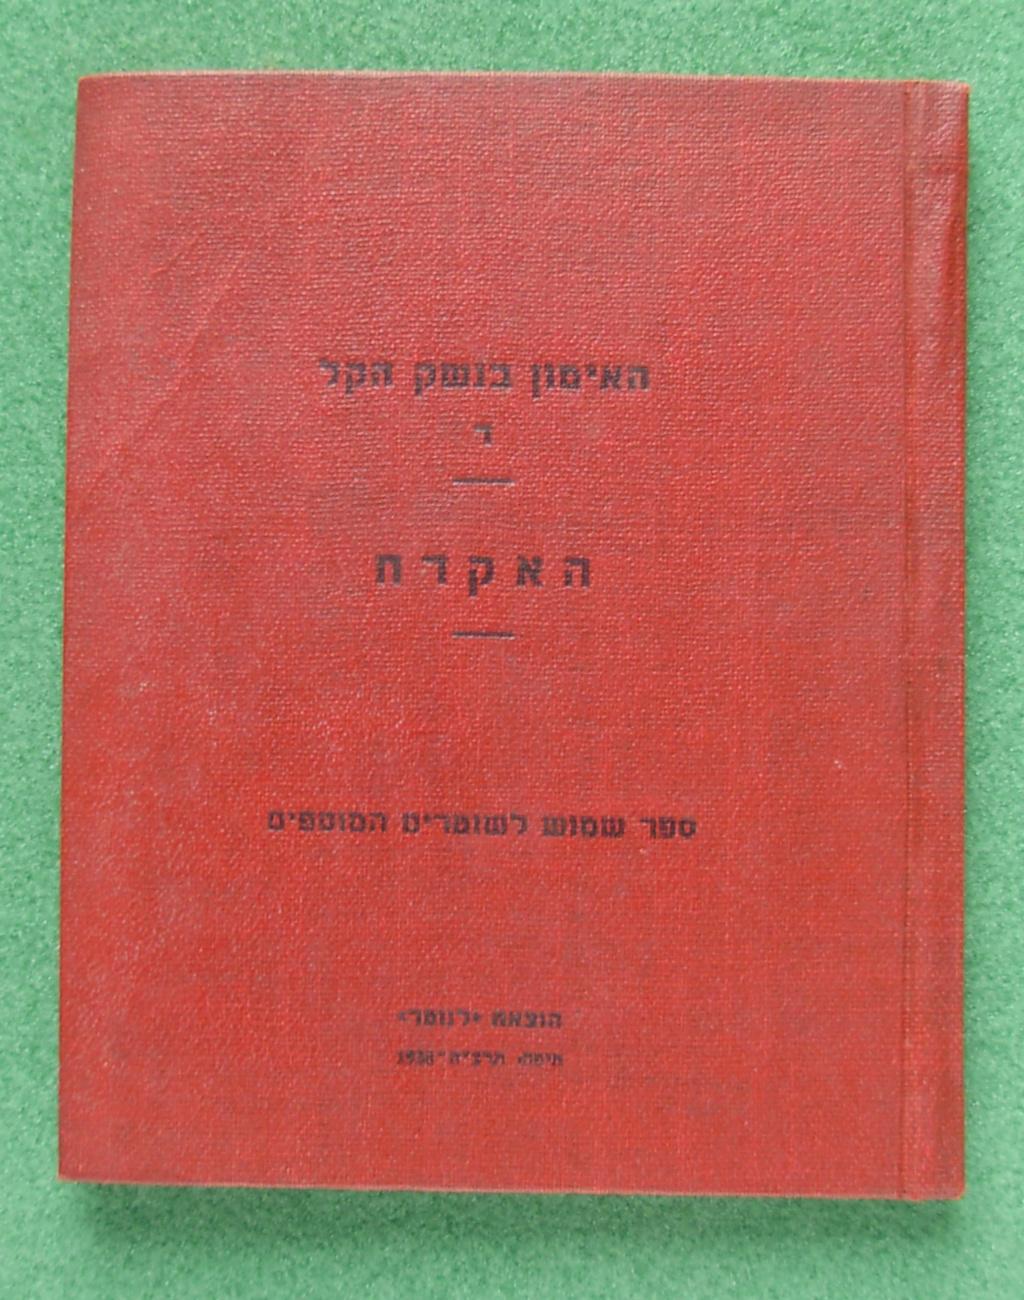 Livrets et manuels du Luger P08 et Parabellum - Page 2 Dscn5225